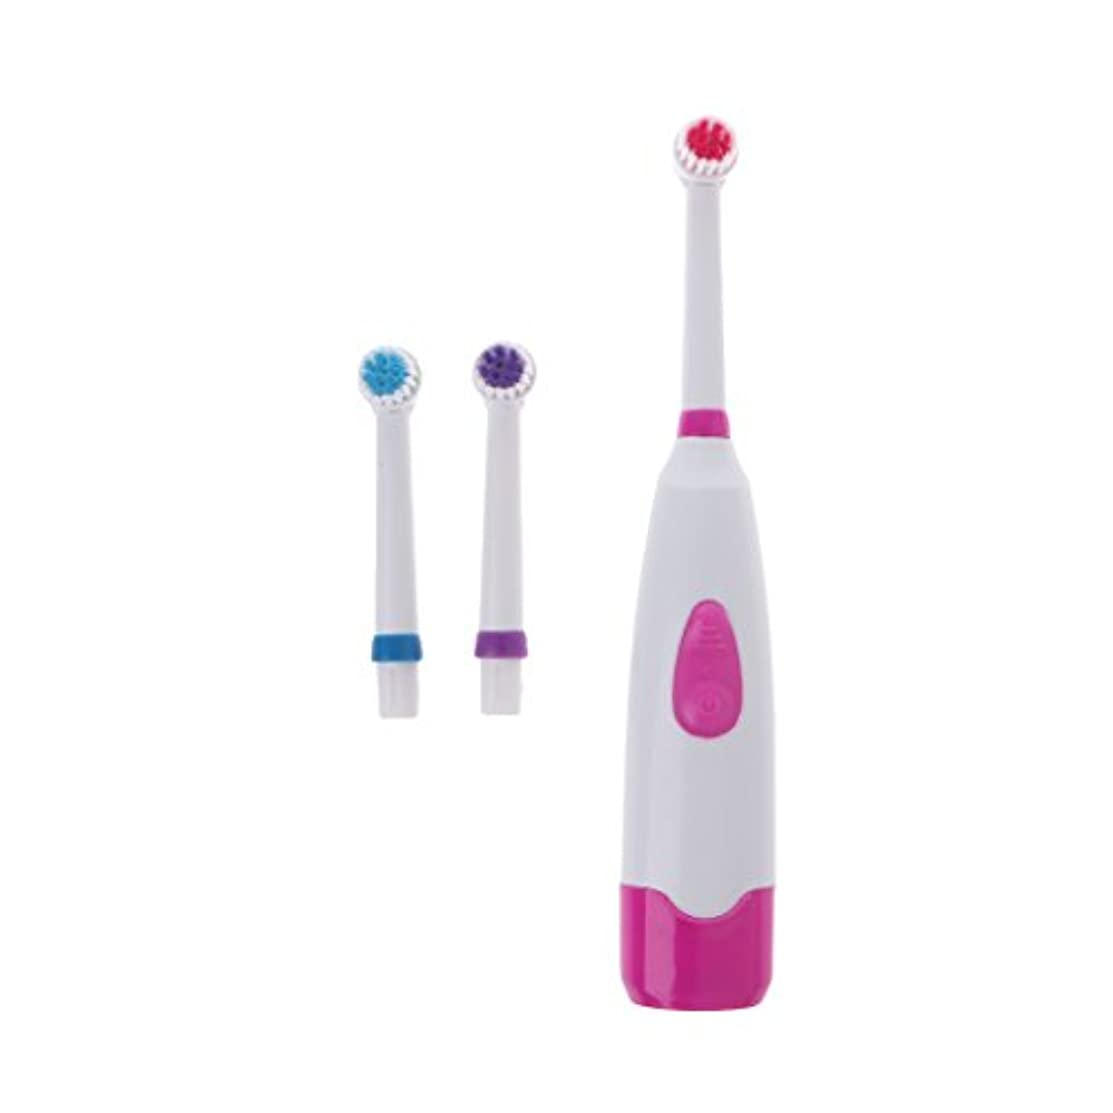 シネマ年金効果的Manyao 3ブラシヘッドで防水回転電動歯ブラシ (ピンク)